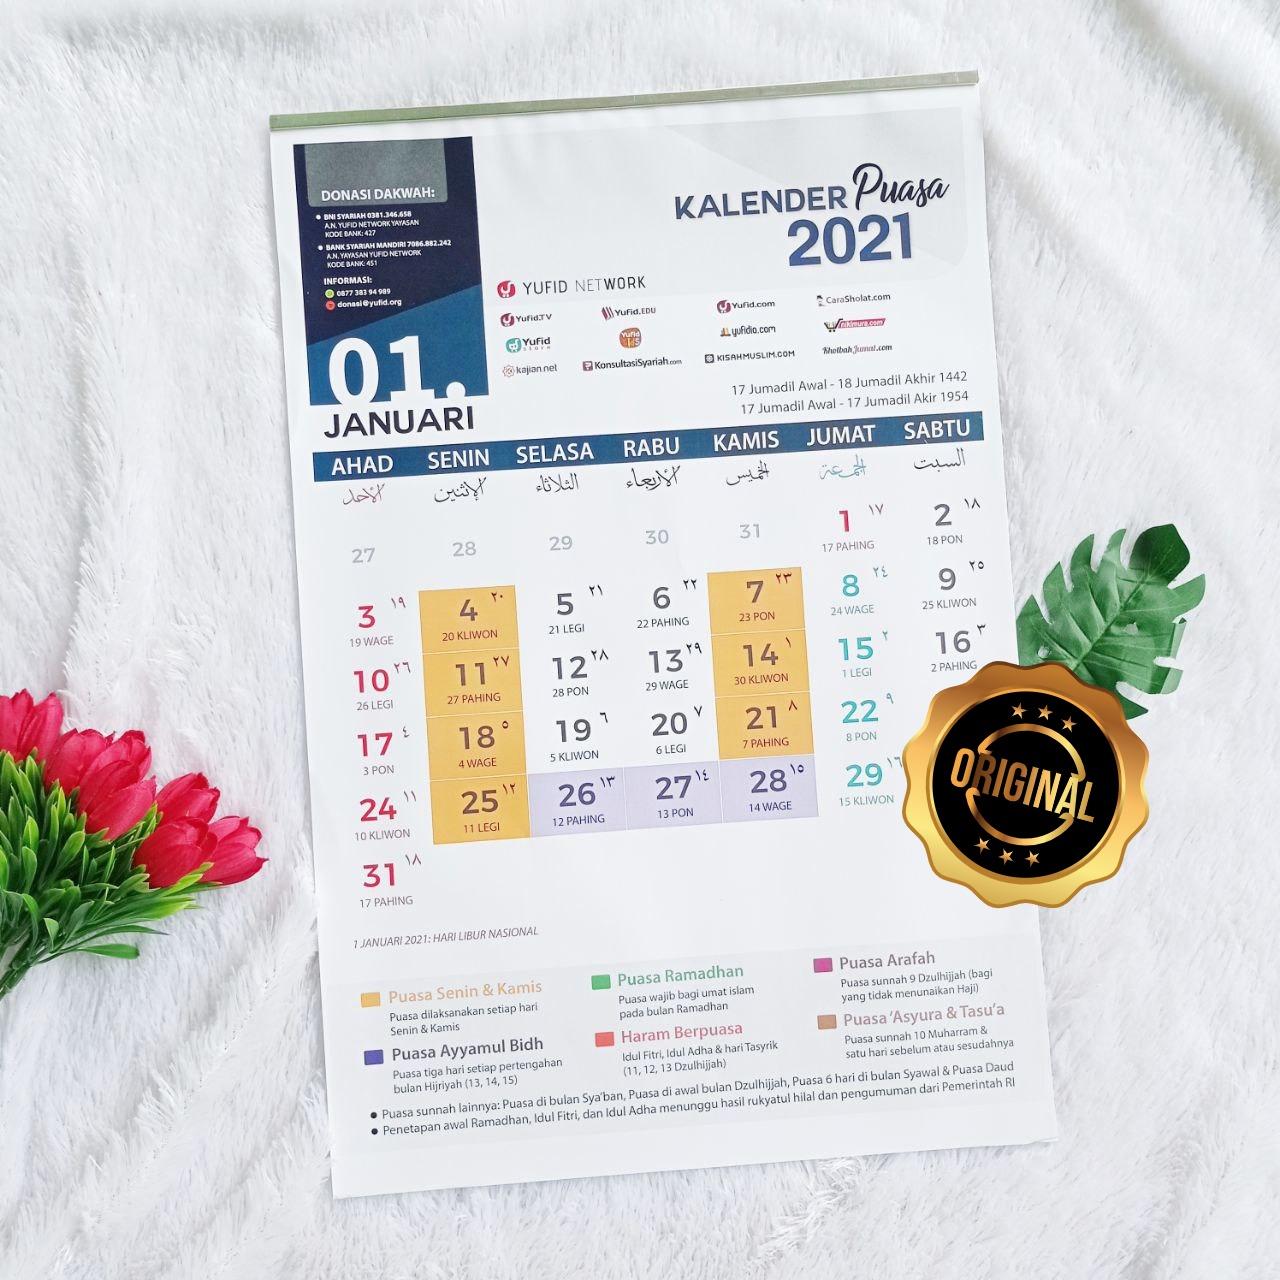 Kalender Masehi Edisi Puasa Yufid 2021